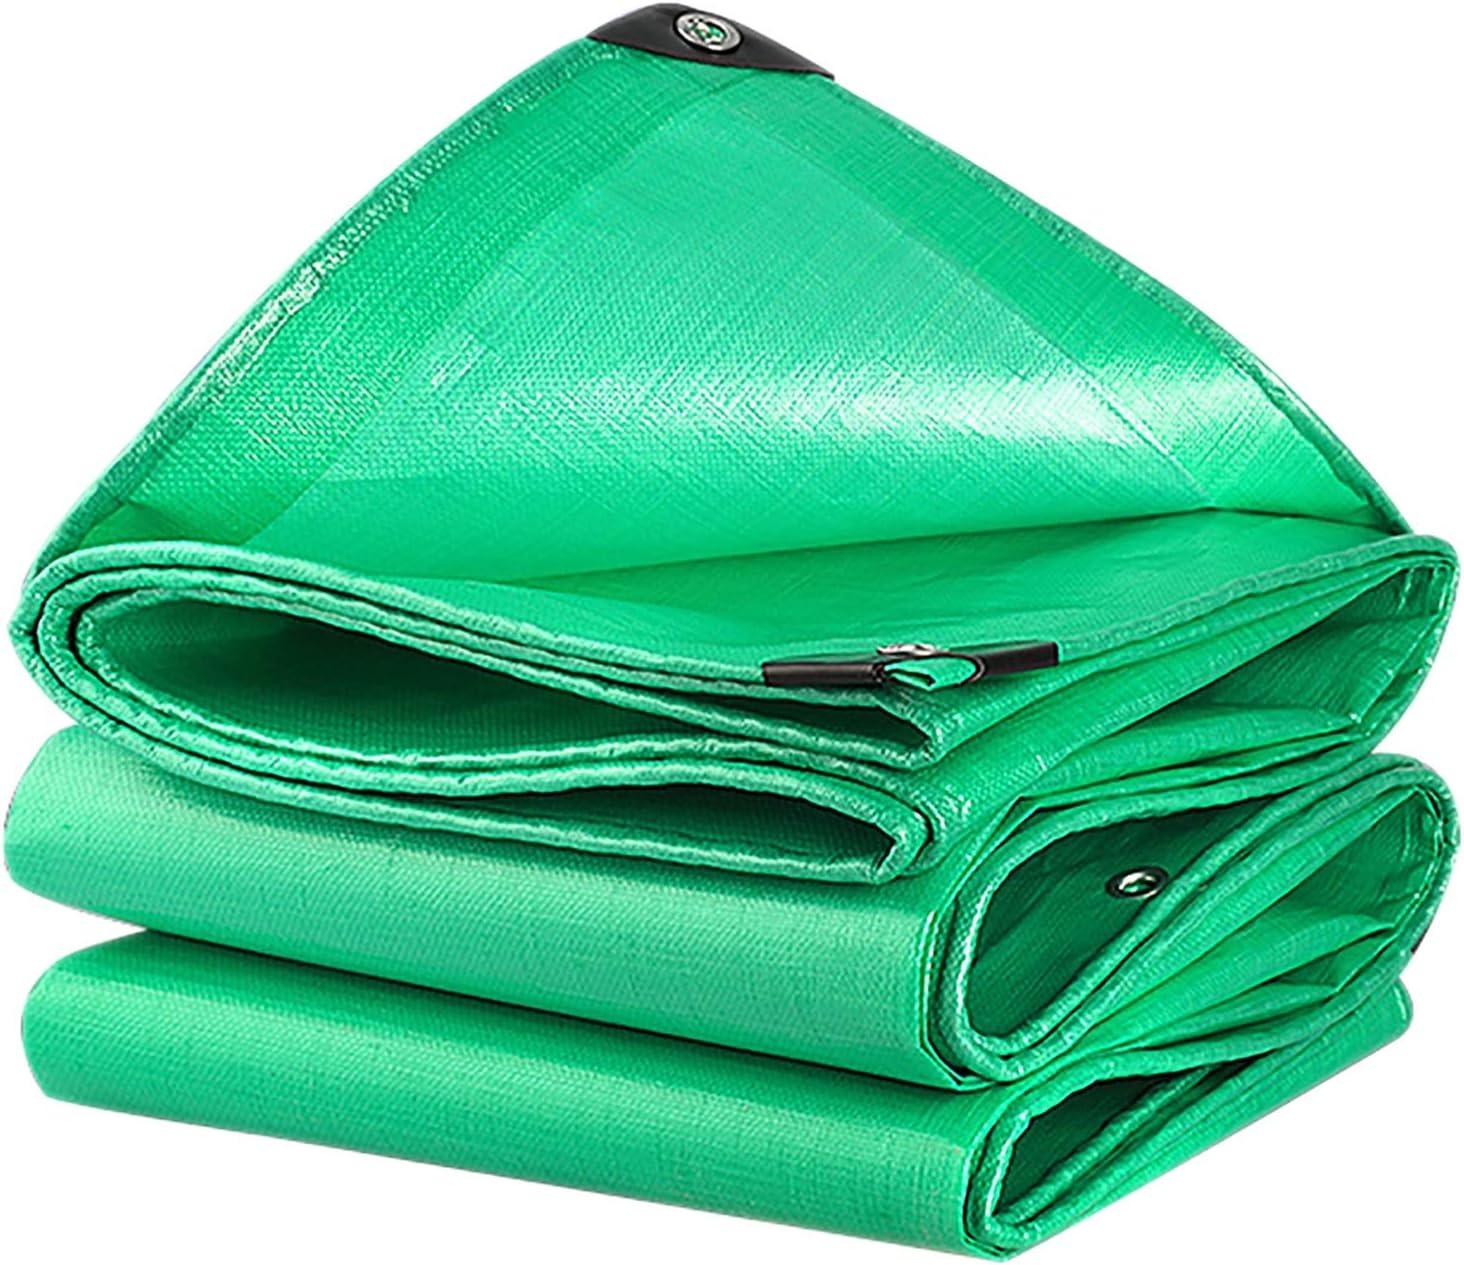 ANUO ターポリンシェードクロス PEプラスチックポリタープ証明ターポリン210g/㎡軽量防水ガーデン工場防水シートカバーアウトドアキャンプシェード布 (Color : Green, Size : 16.5x23.1ft/5x7m)